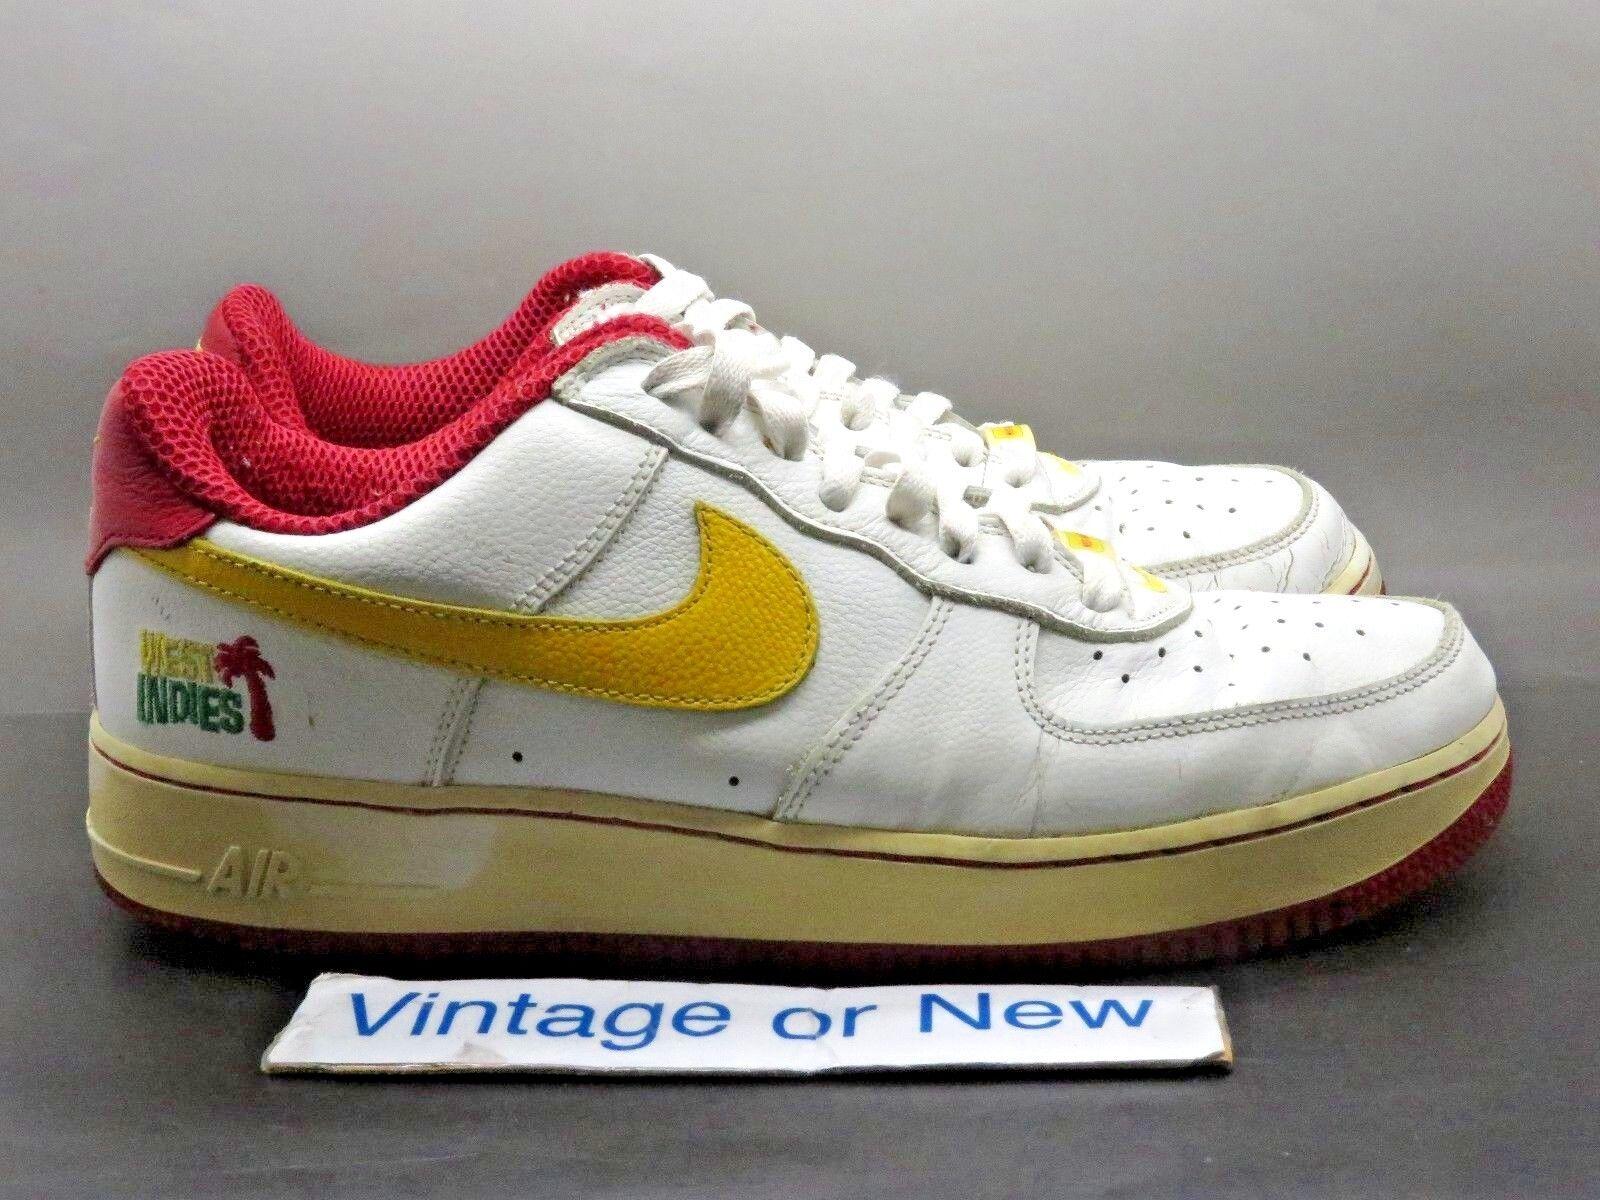 VTG Nike Air Force 1 Low West Indies 2004 sz 10